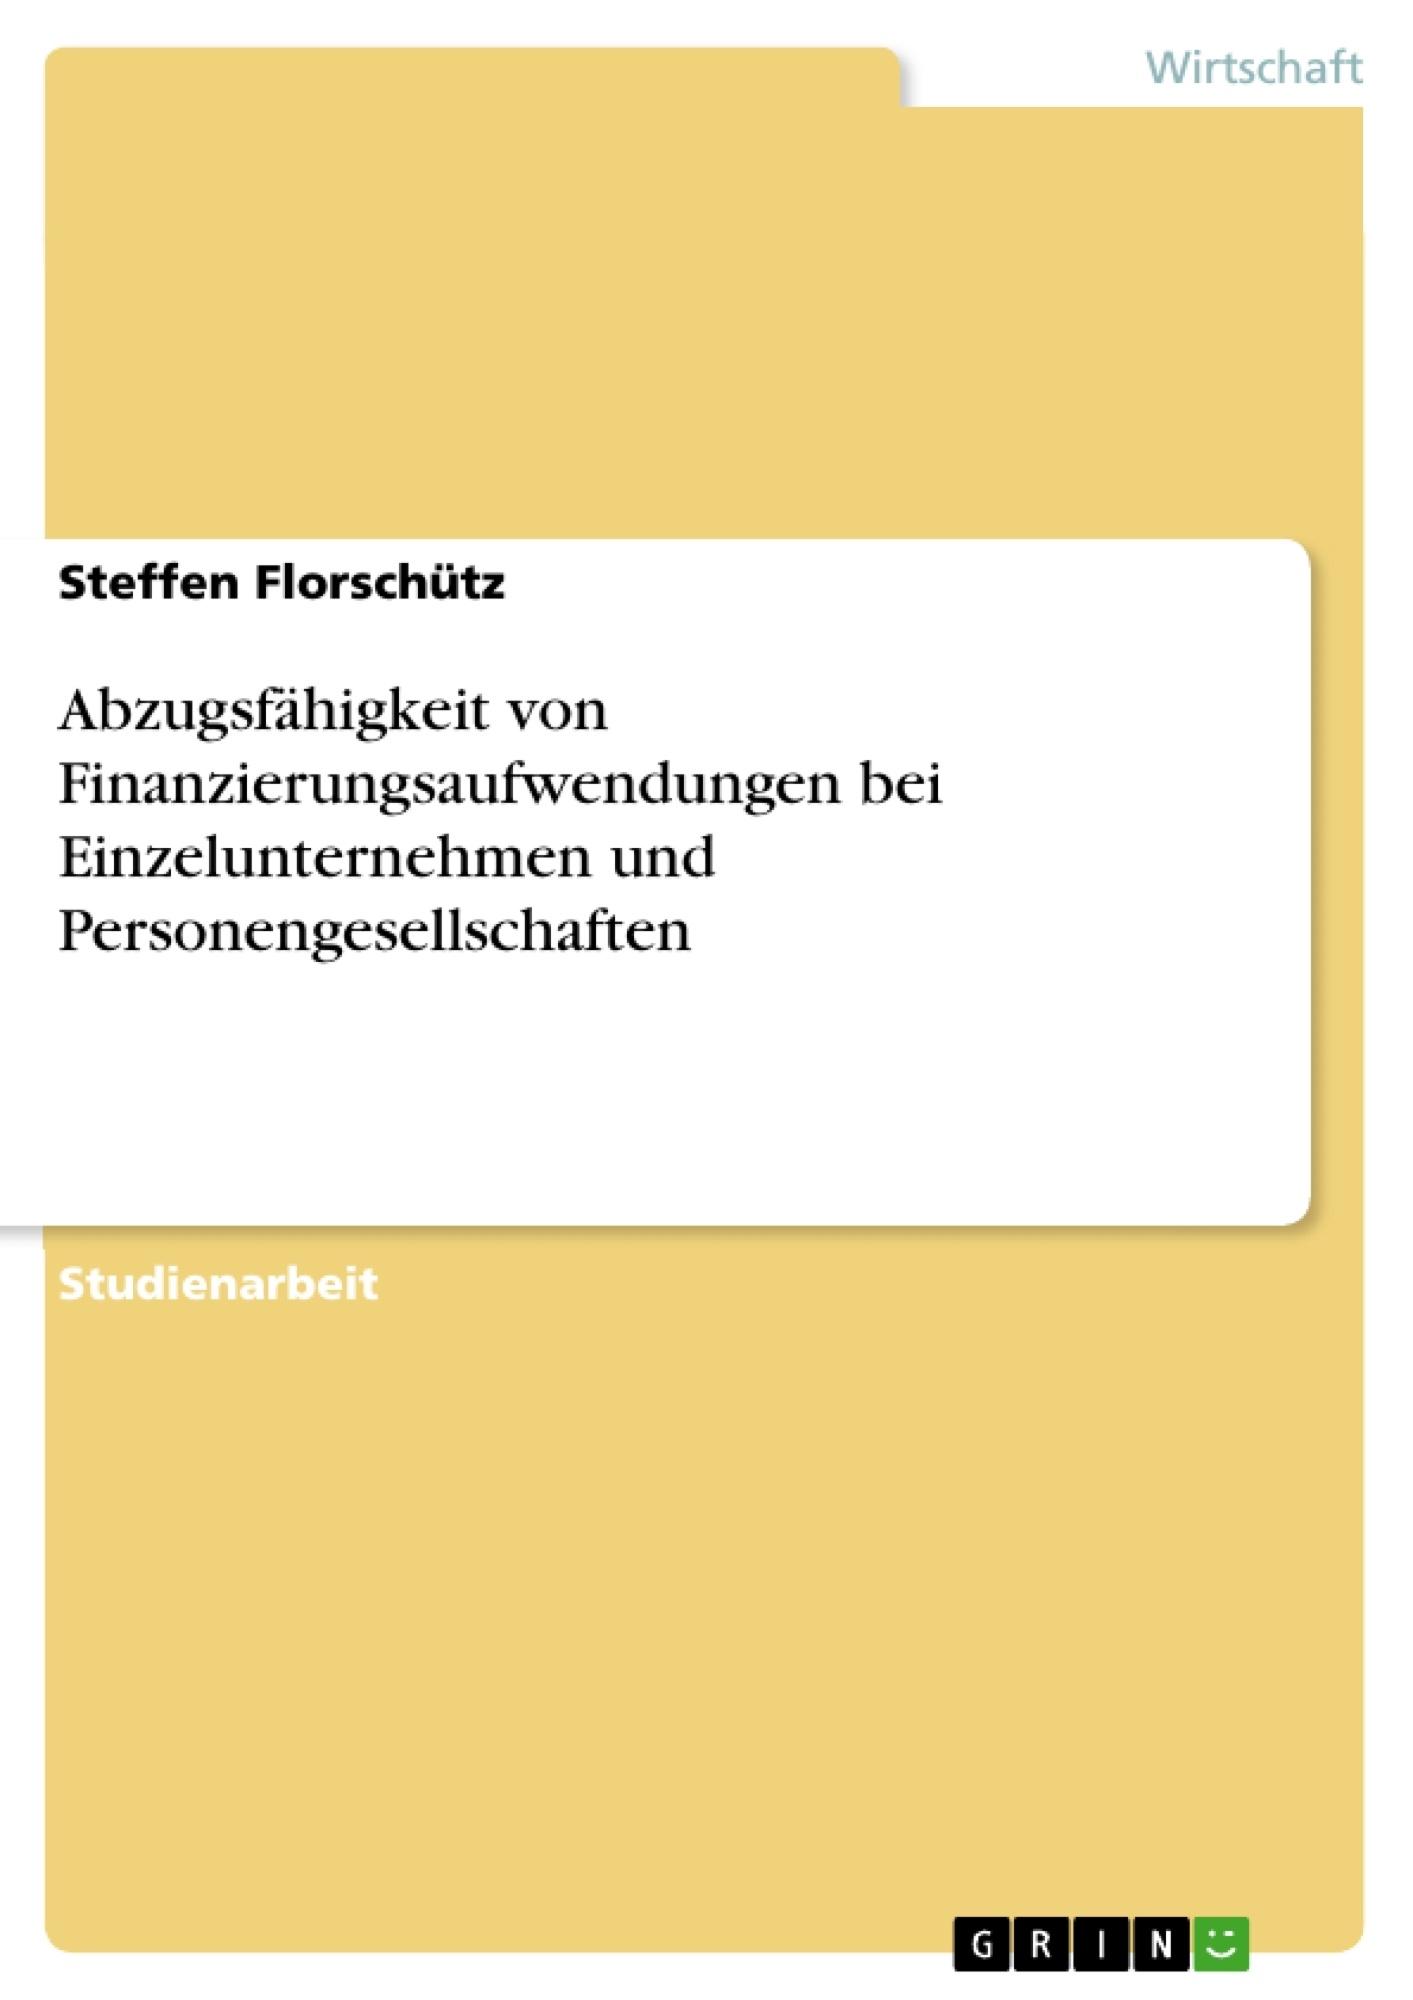 Titel: Abzugsfähigkeit von Finanzierungsaufwendungen bei Einzelunternehmen und Personengesellschaften